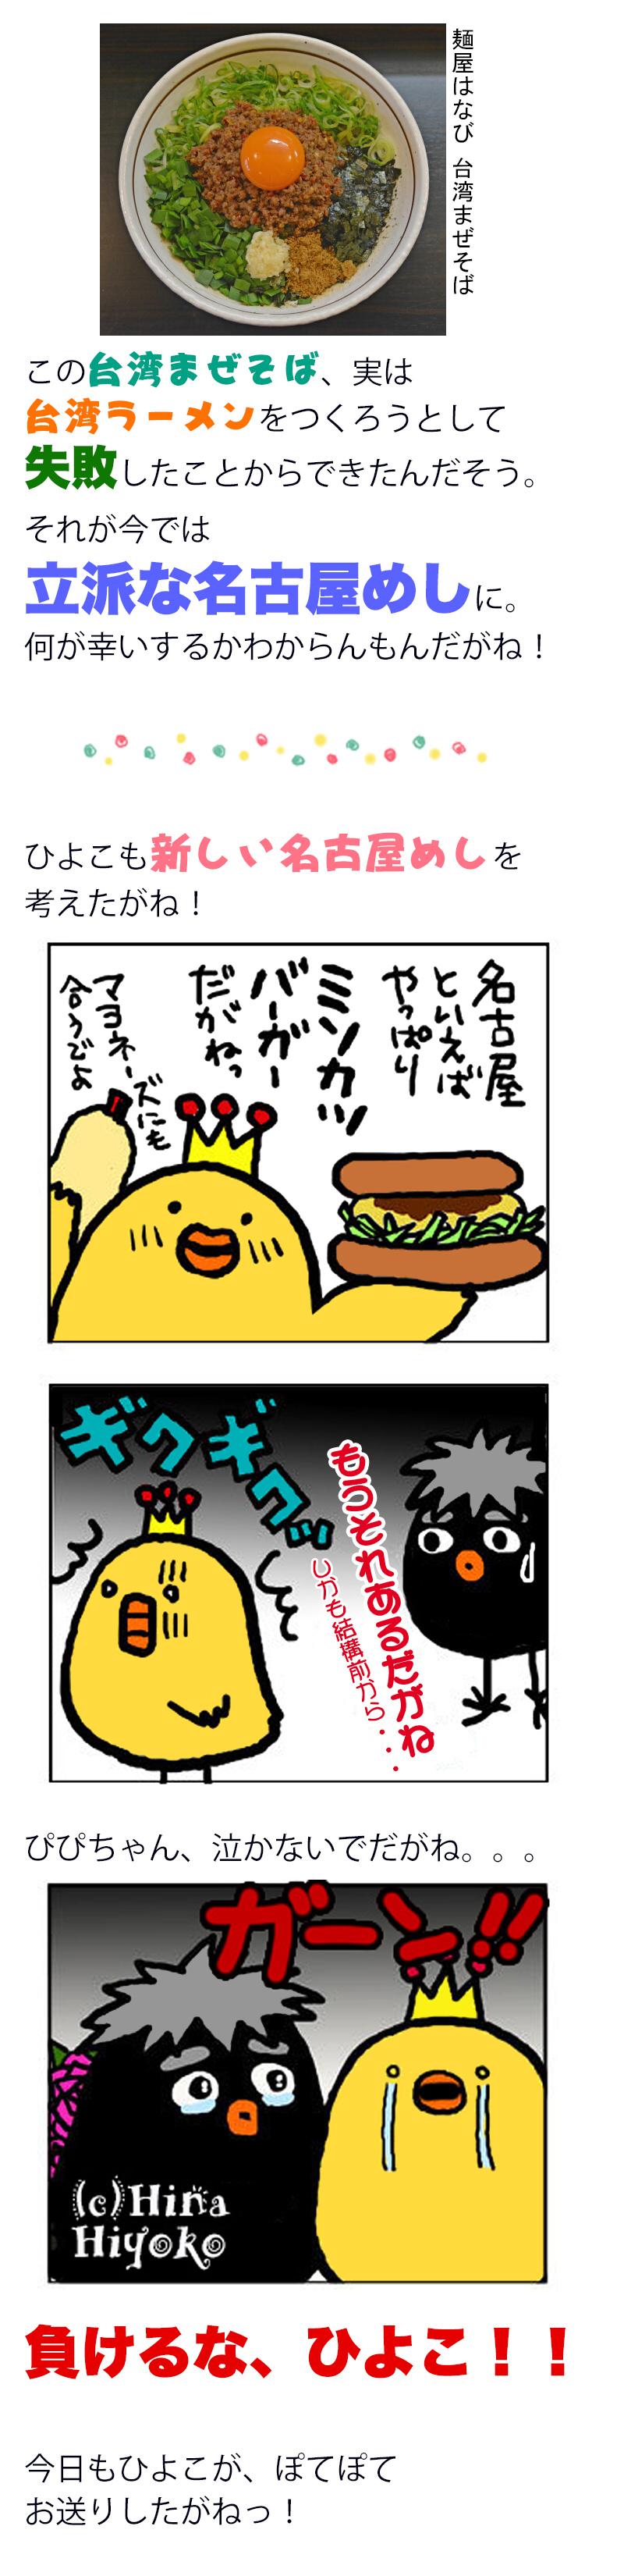 ひよこだがね 台湾ラーメン 陽菜ひよ子